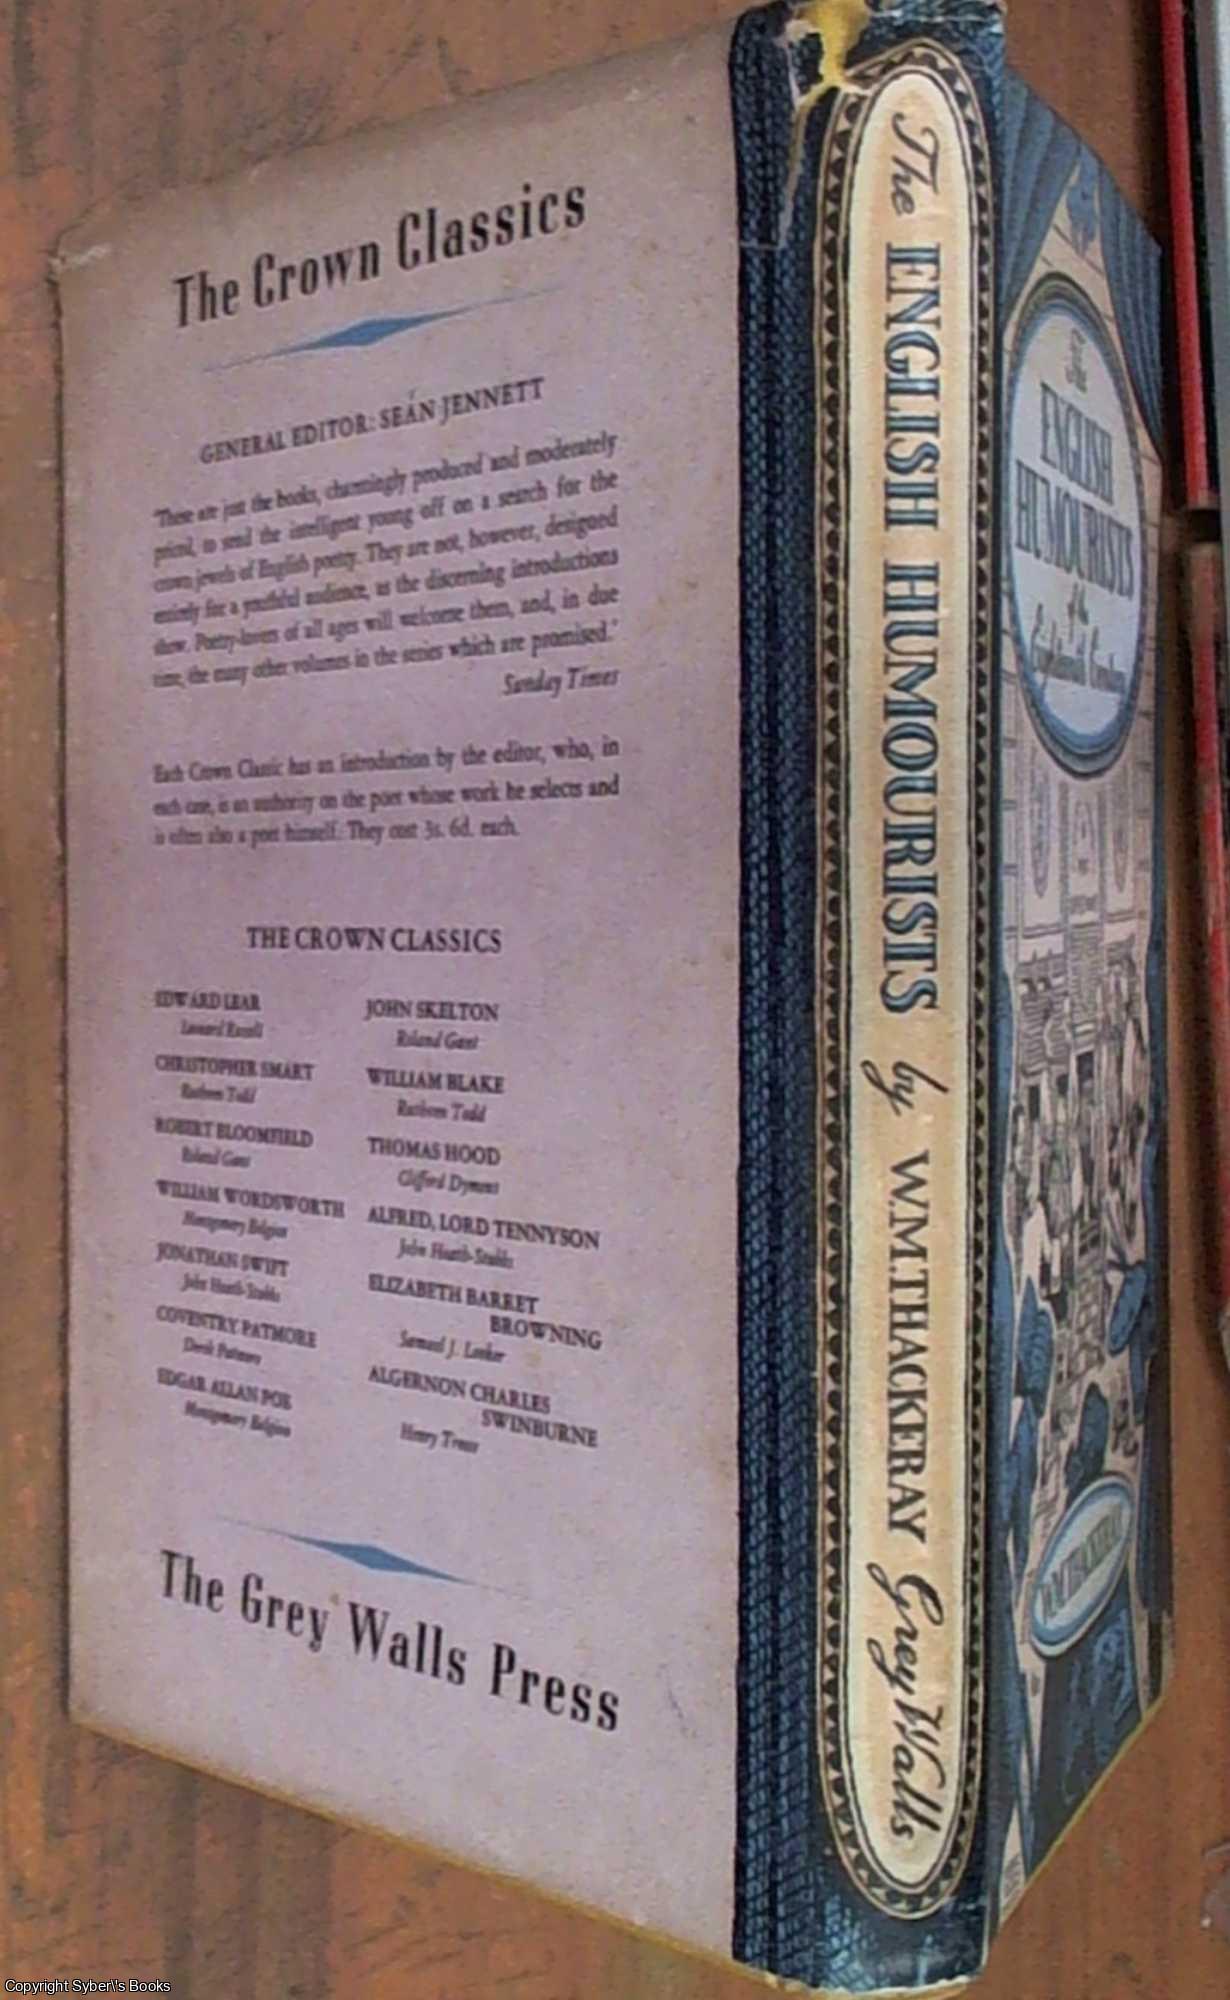 richard congreve essays D'auguste comte, l'anglais richard congreve ce texte, intitulé the west, a été publié en 1866 et constitue le premier chapitre d'un ouvrage collectif écrit par les positivistes anglais sous le titre international policy: essays on the foreign relations of england.